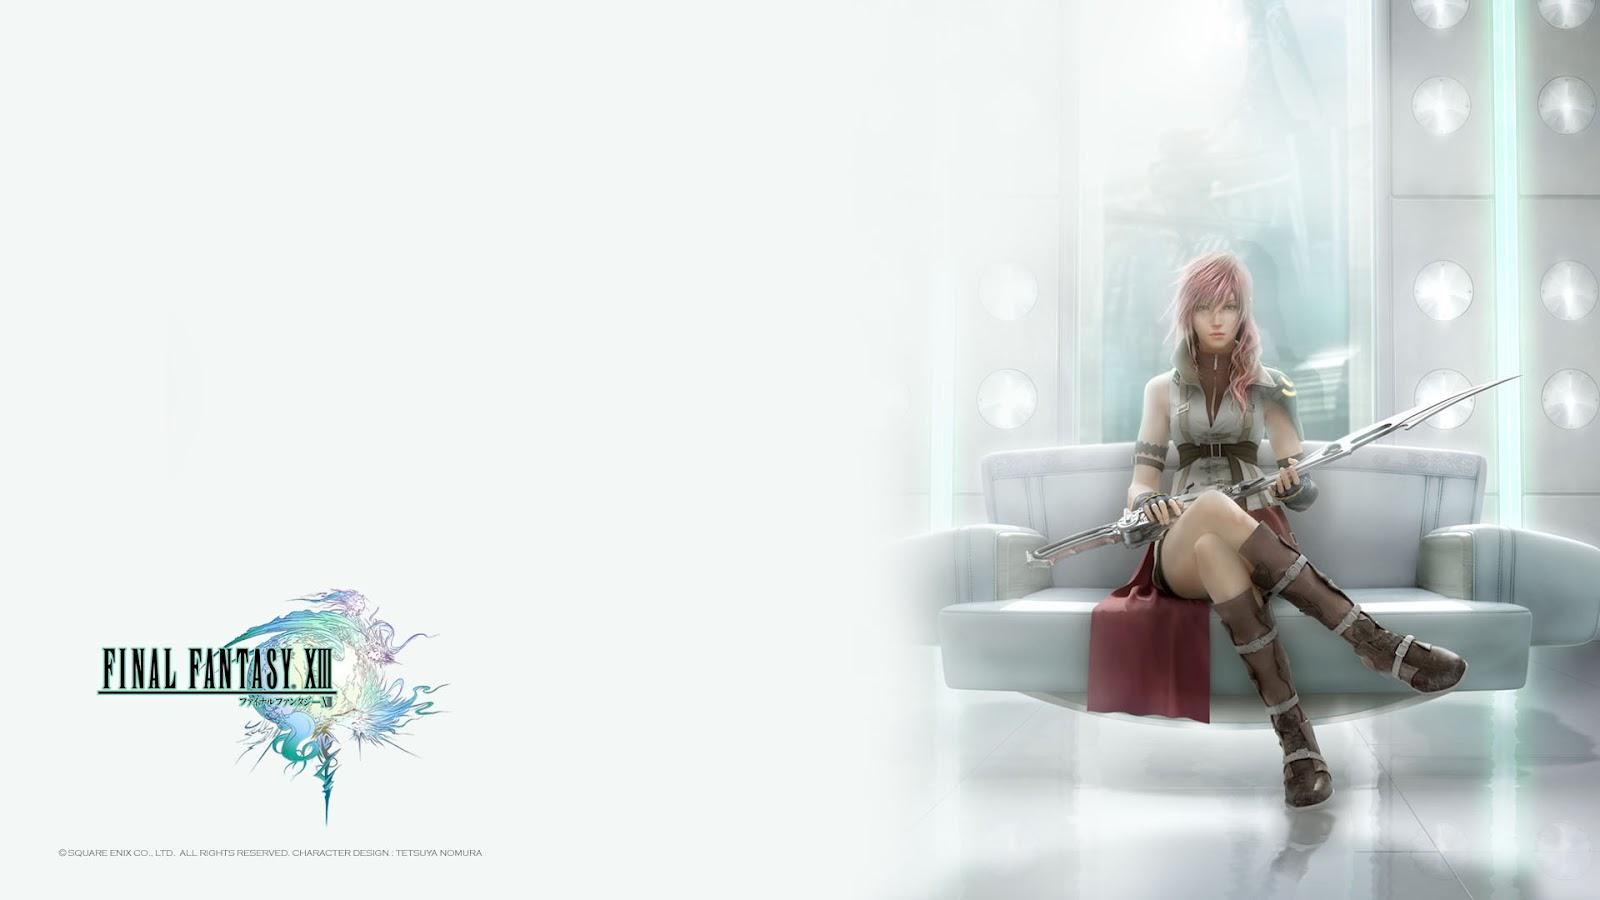 http://1.bp.blogspot.com/-DDLnCYG1TuY/UBTyGHujCHI/AAAAAAAAEZY/rUuFHSFqvHI/s1600/final-fantasy-xiii-wallpaper-1.jpg